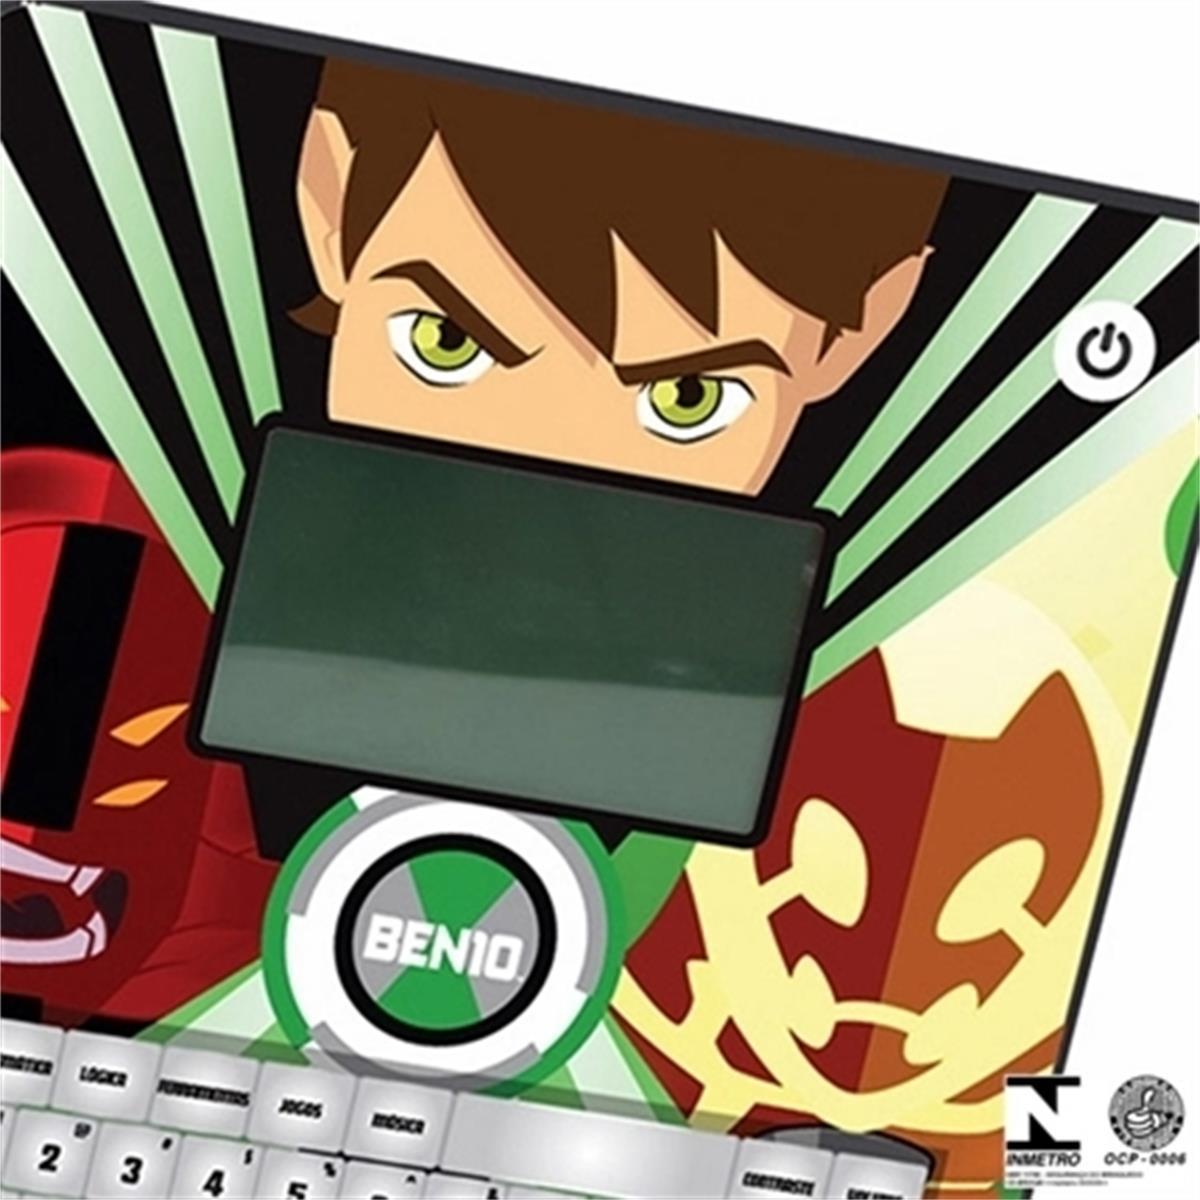 Infantil do ben10 com 40 atividades 5324 candide tablet infantil do ben10 com 40 atividades 5324 candide voltagebd Gallery